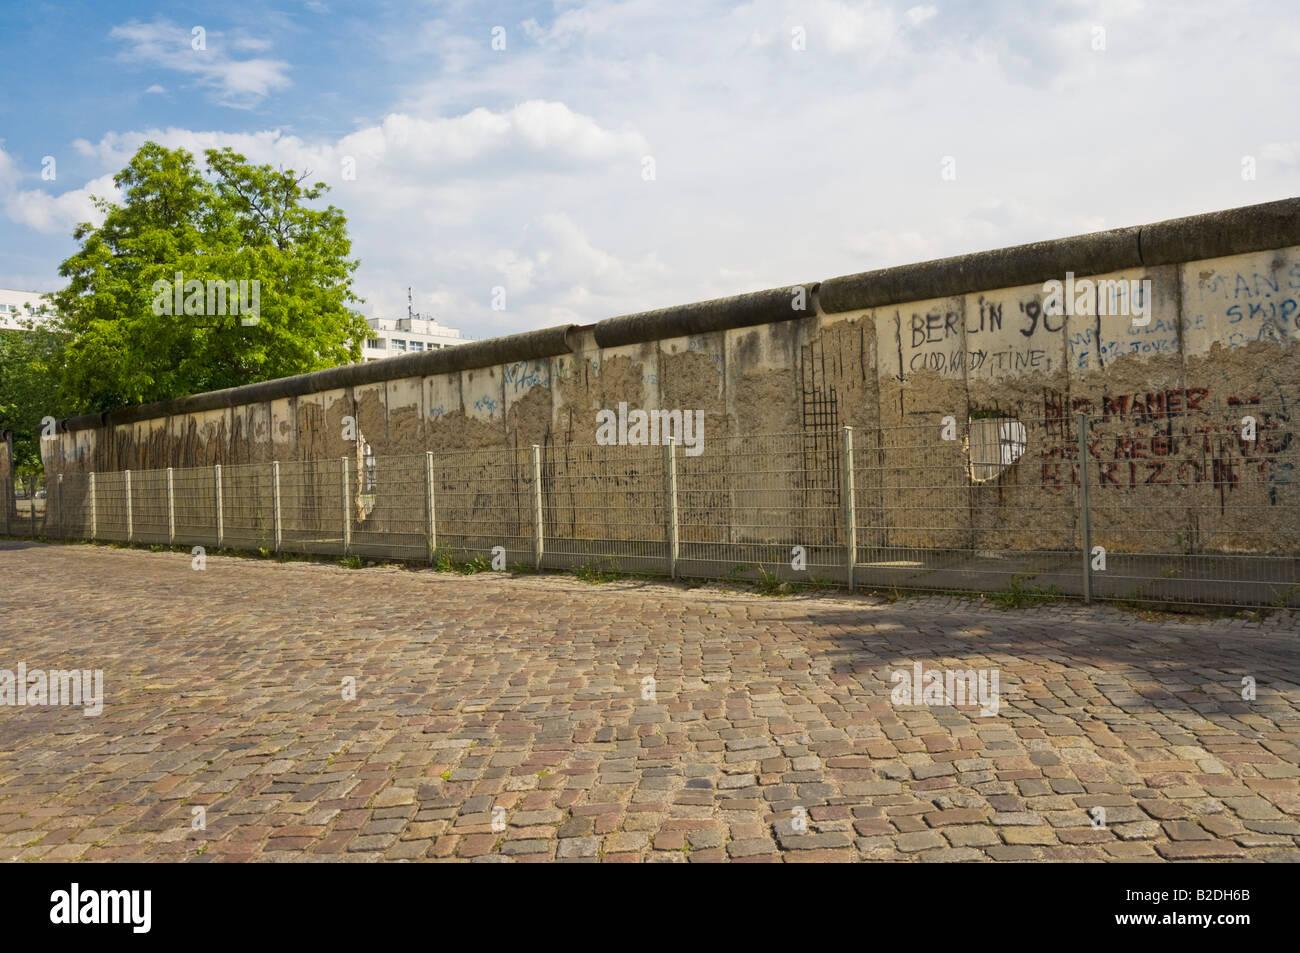 Los restos del muro de Berlín cerca de Checkpoint Charlie Niederkirchner strasse en el centro de la ciudad Imagen De Stock